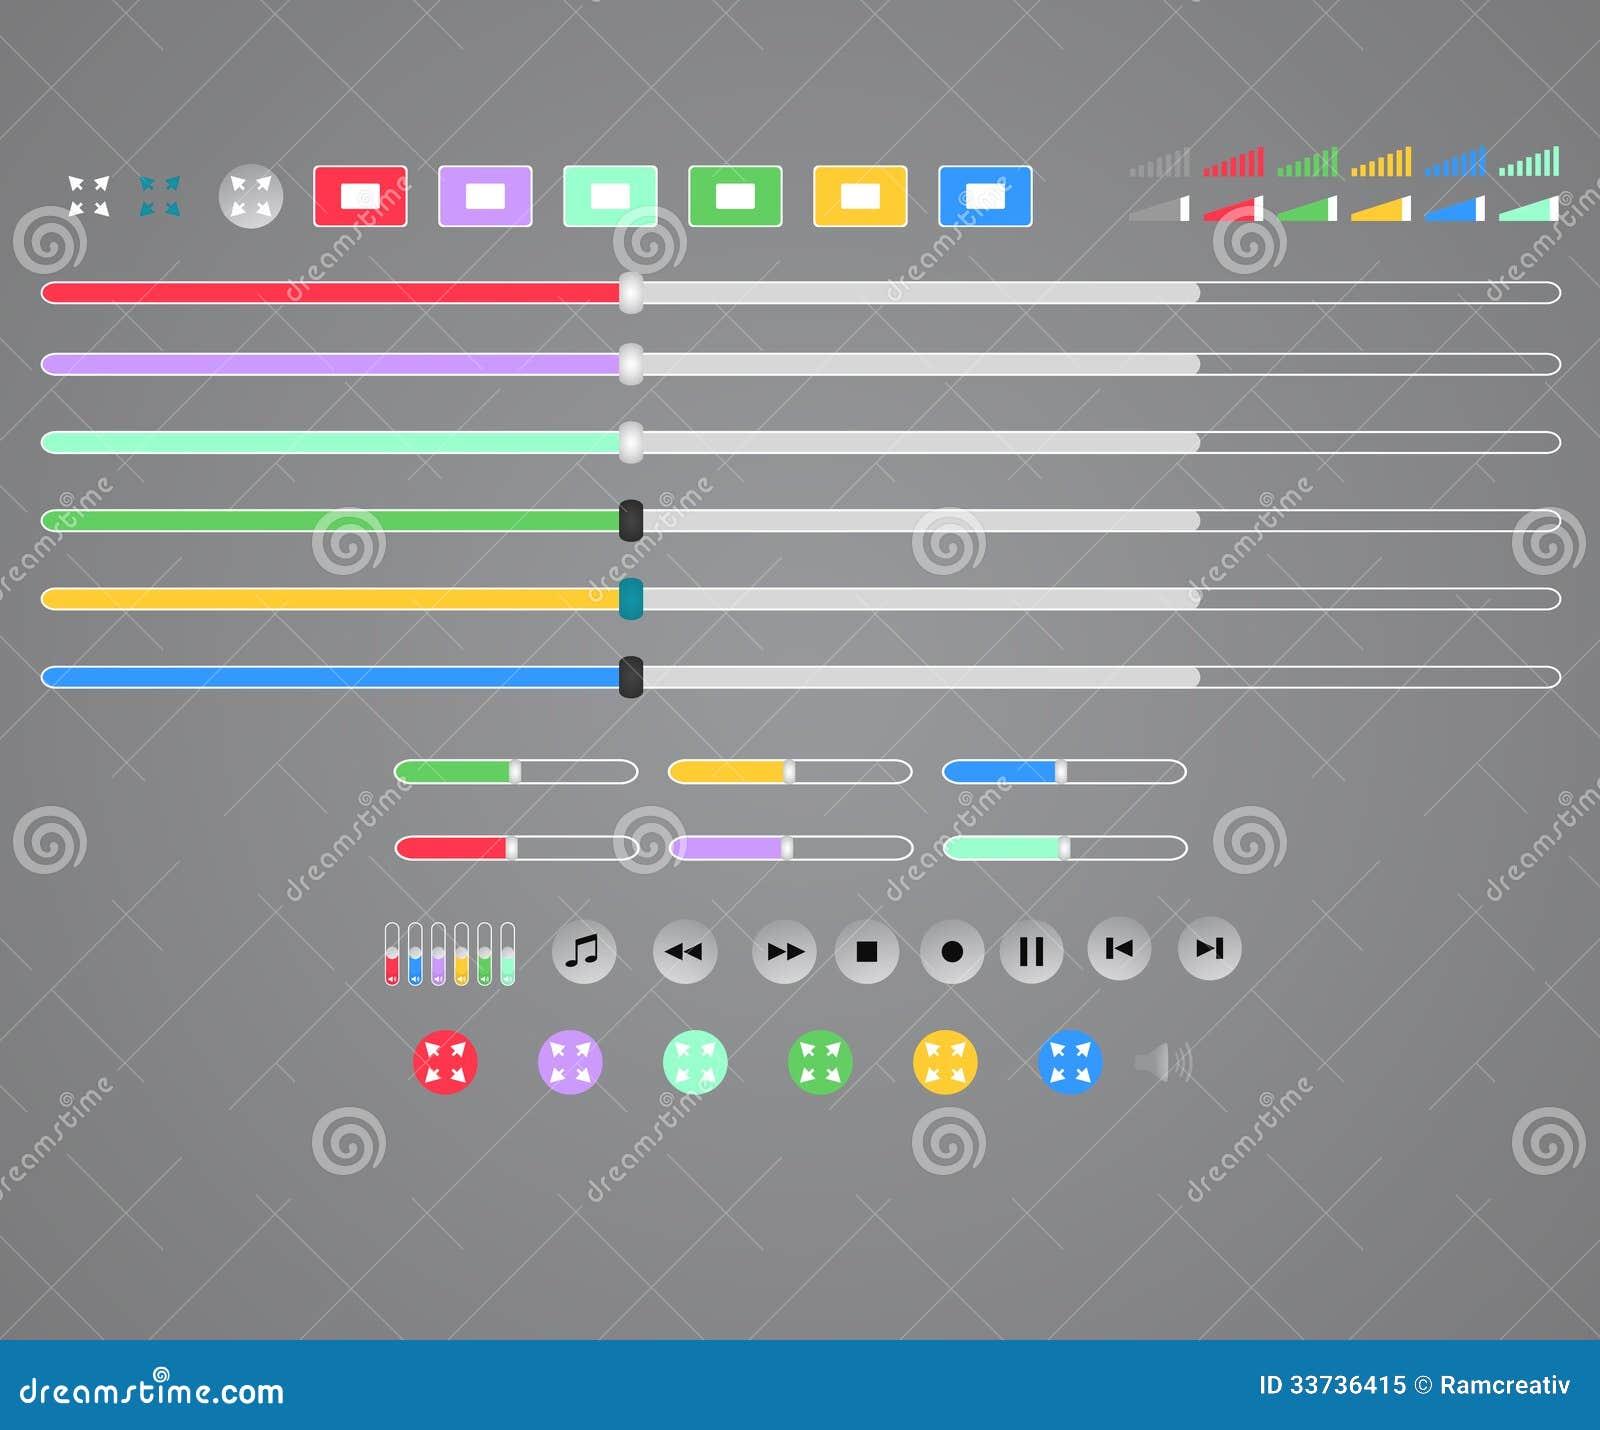 Интерфейс медиа-проигрывателя